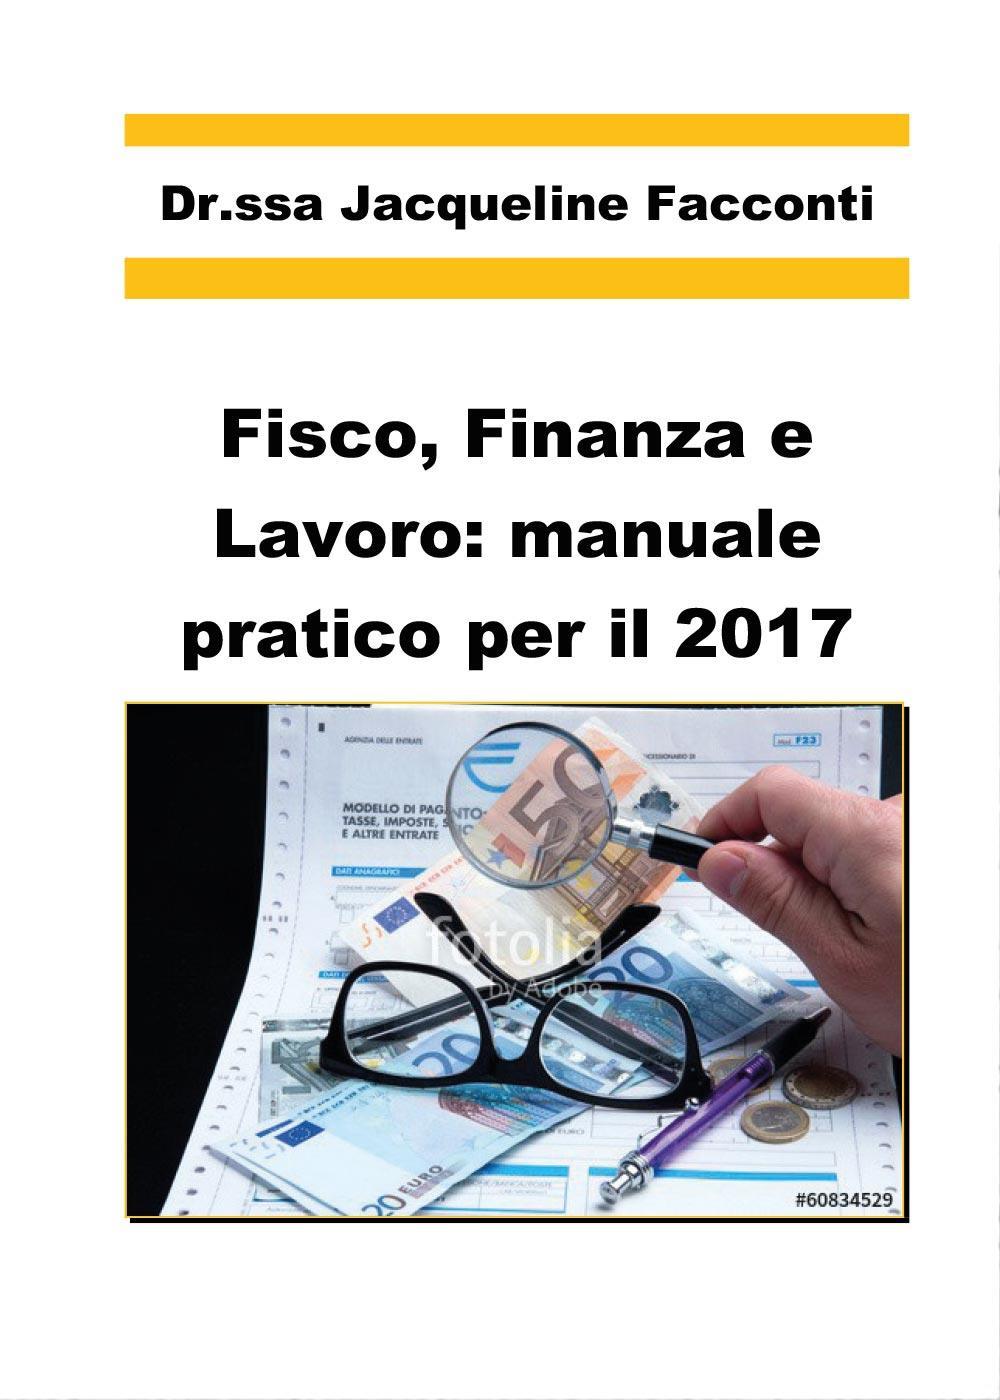 Fisco, finanza e lavoro: manuale pratico per il 2017